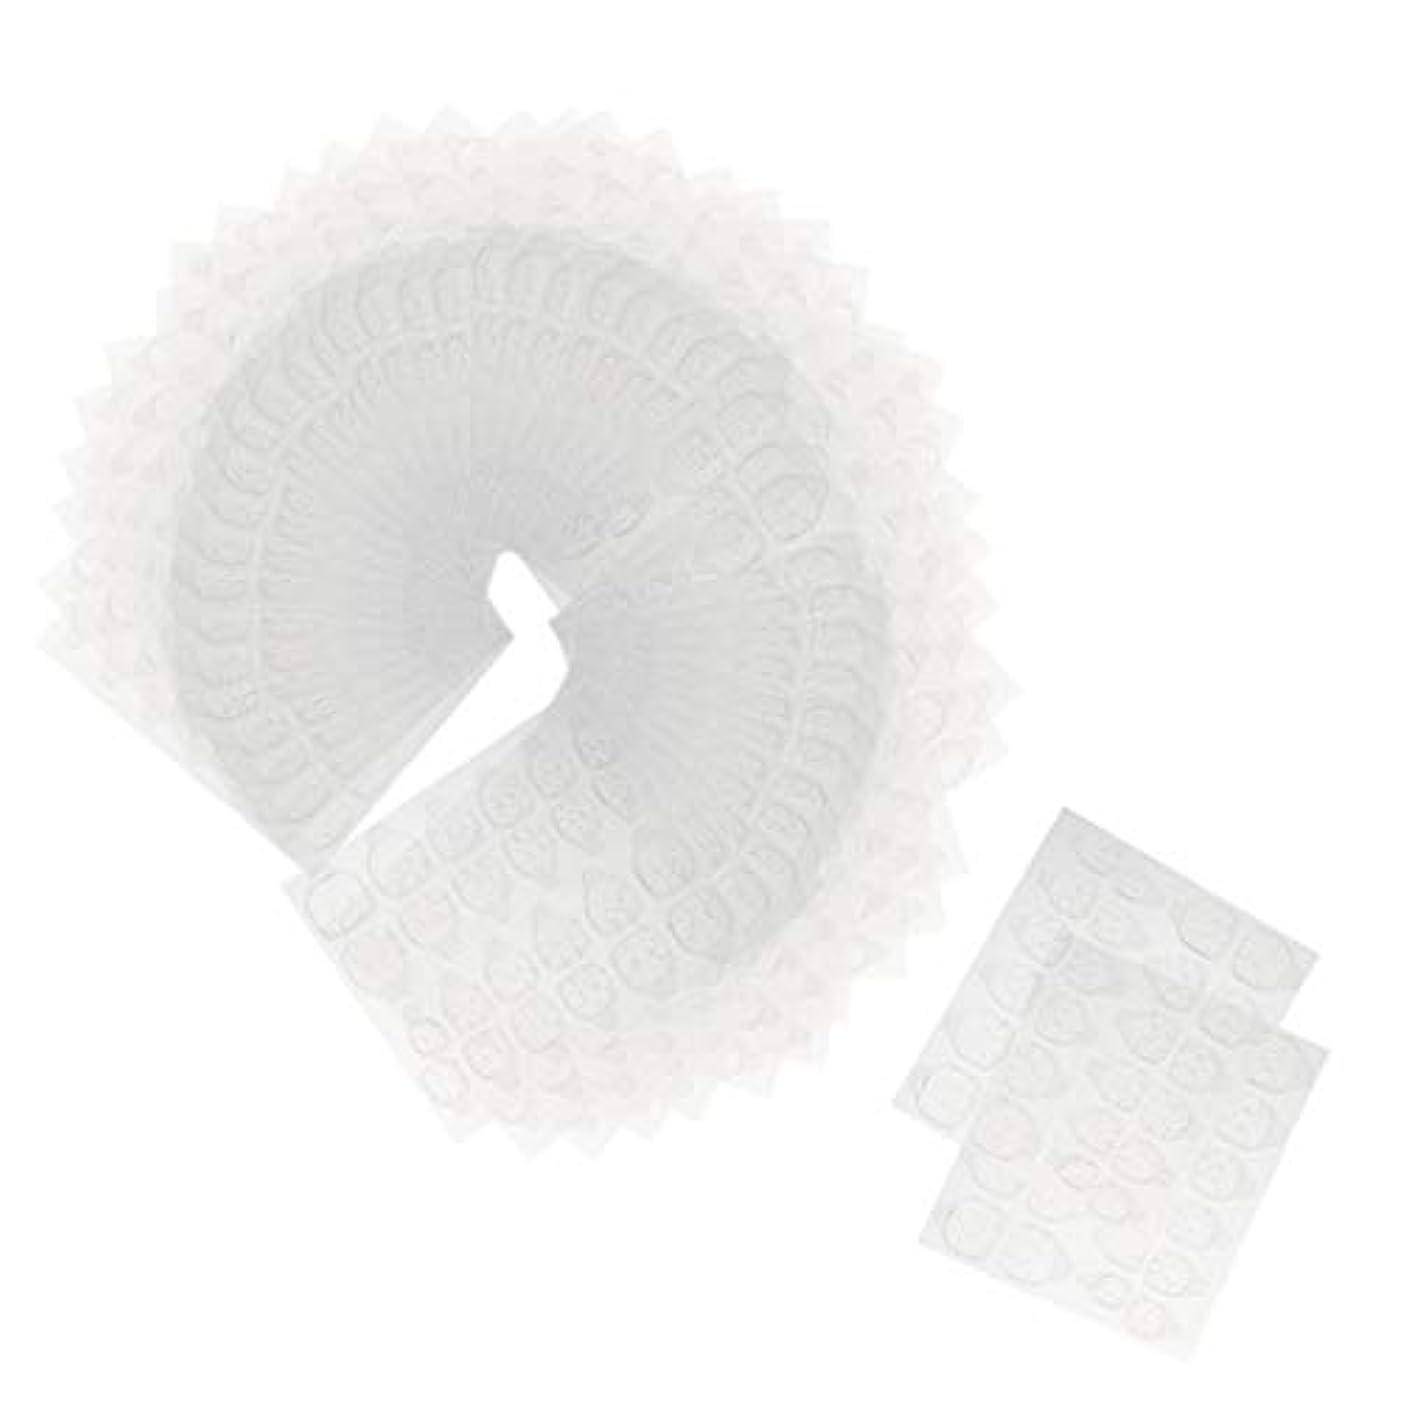 はい安全性警報Toygogo ネイルタブ ネイル接着剤ステッカー 両面接着 マニキュアタブ 両面テープ 約240ピースセット